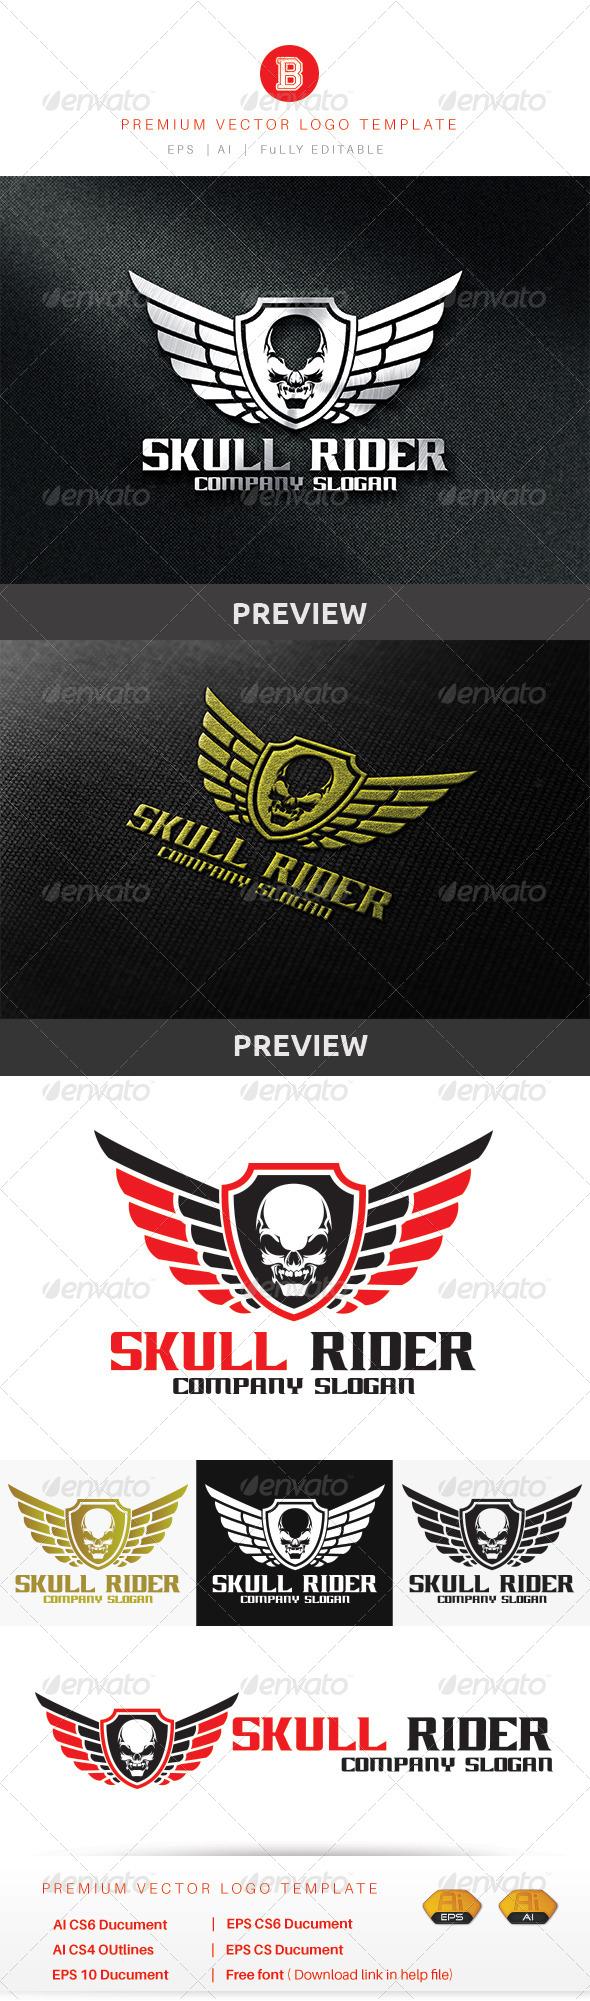 GraphicRiver Skull Rider 8755931